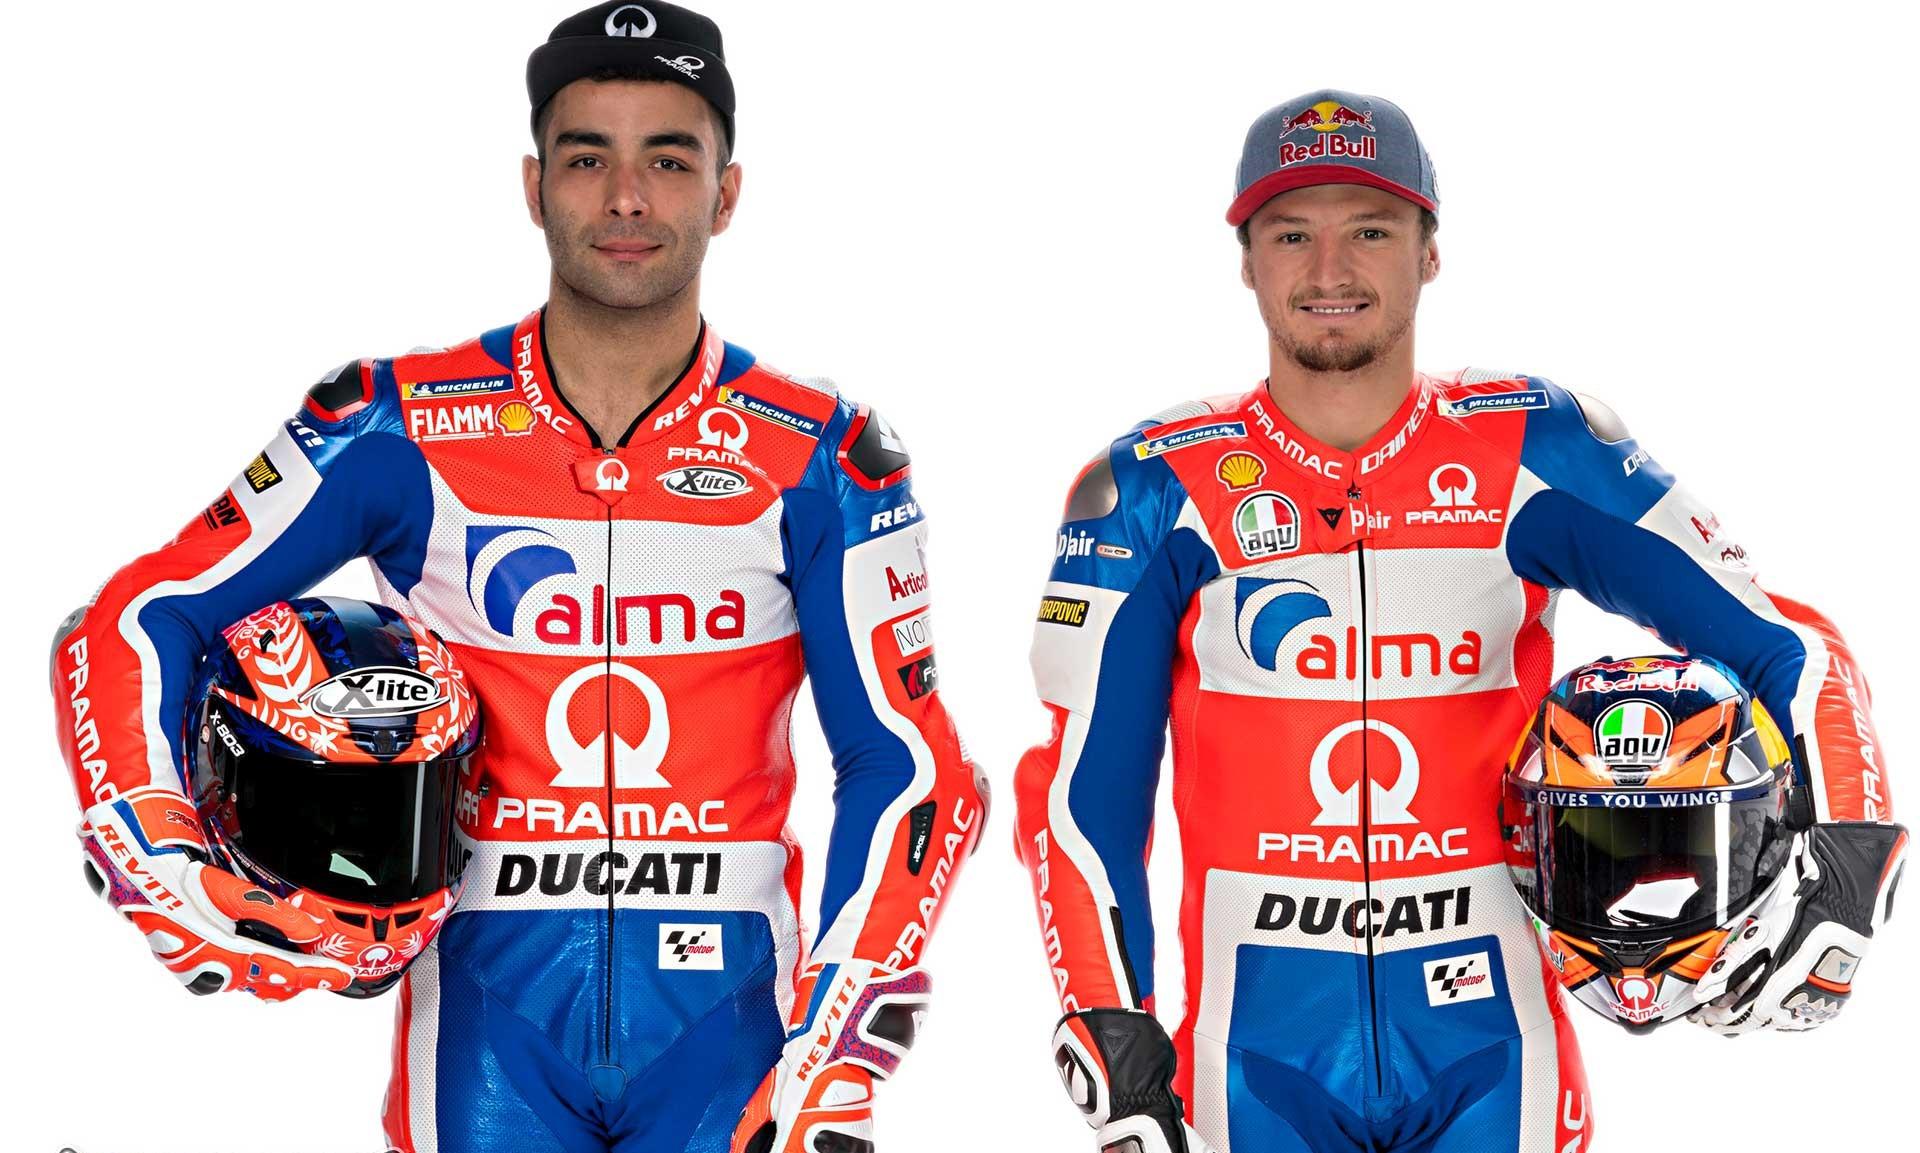 2018-MotoGP-Jack-Miller-Danilo-Petrucci-3.jpg